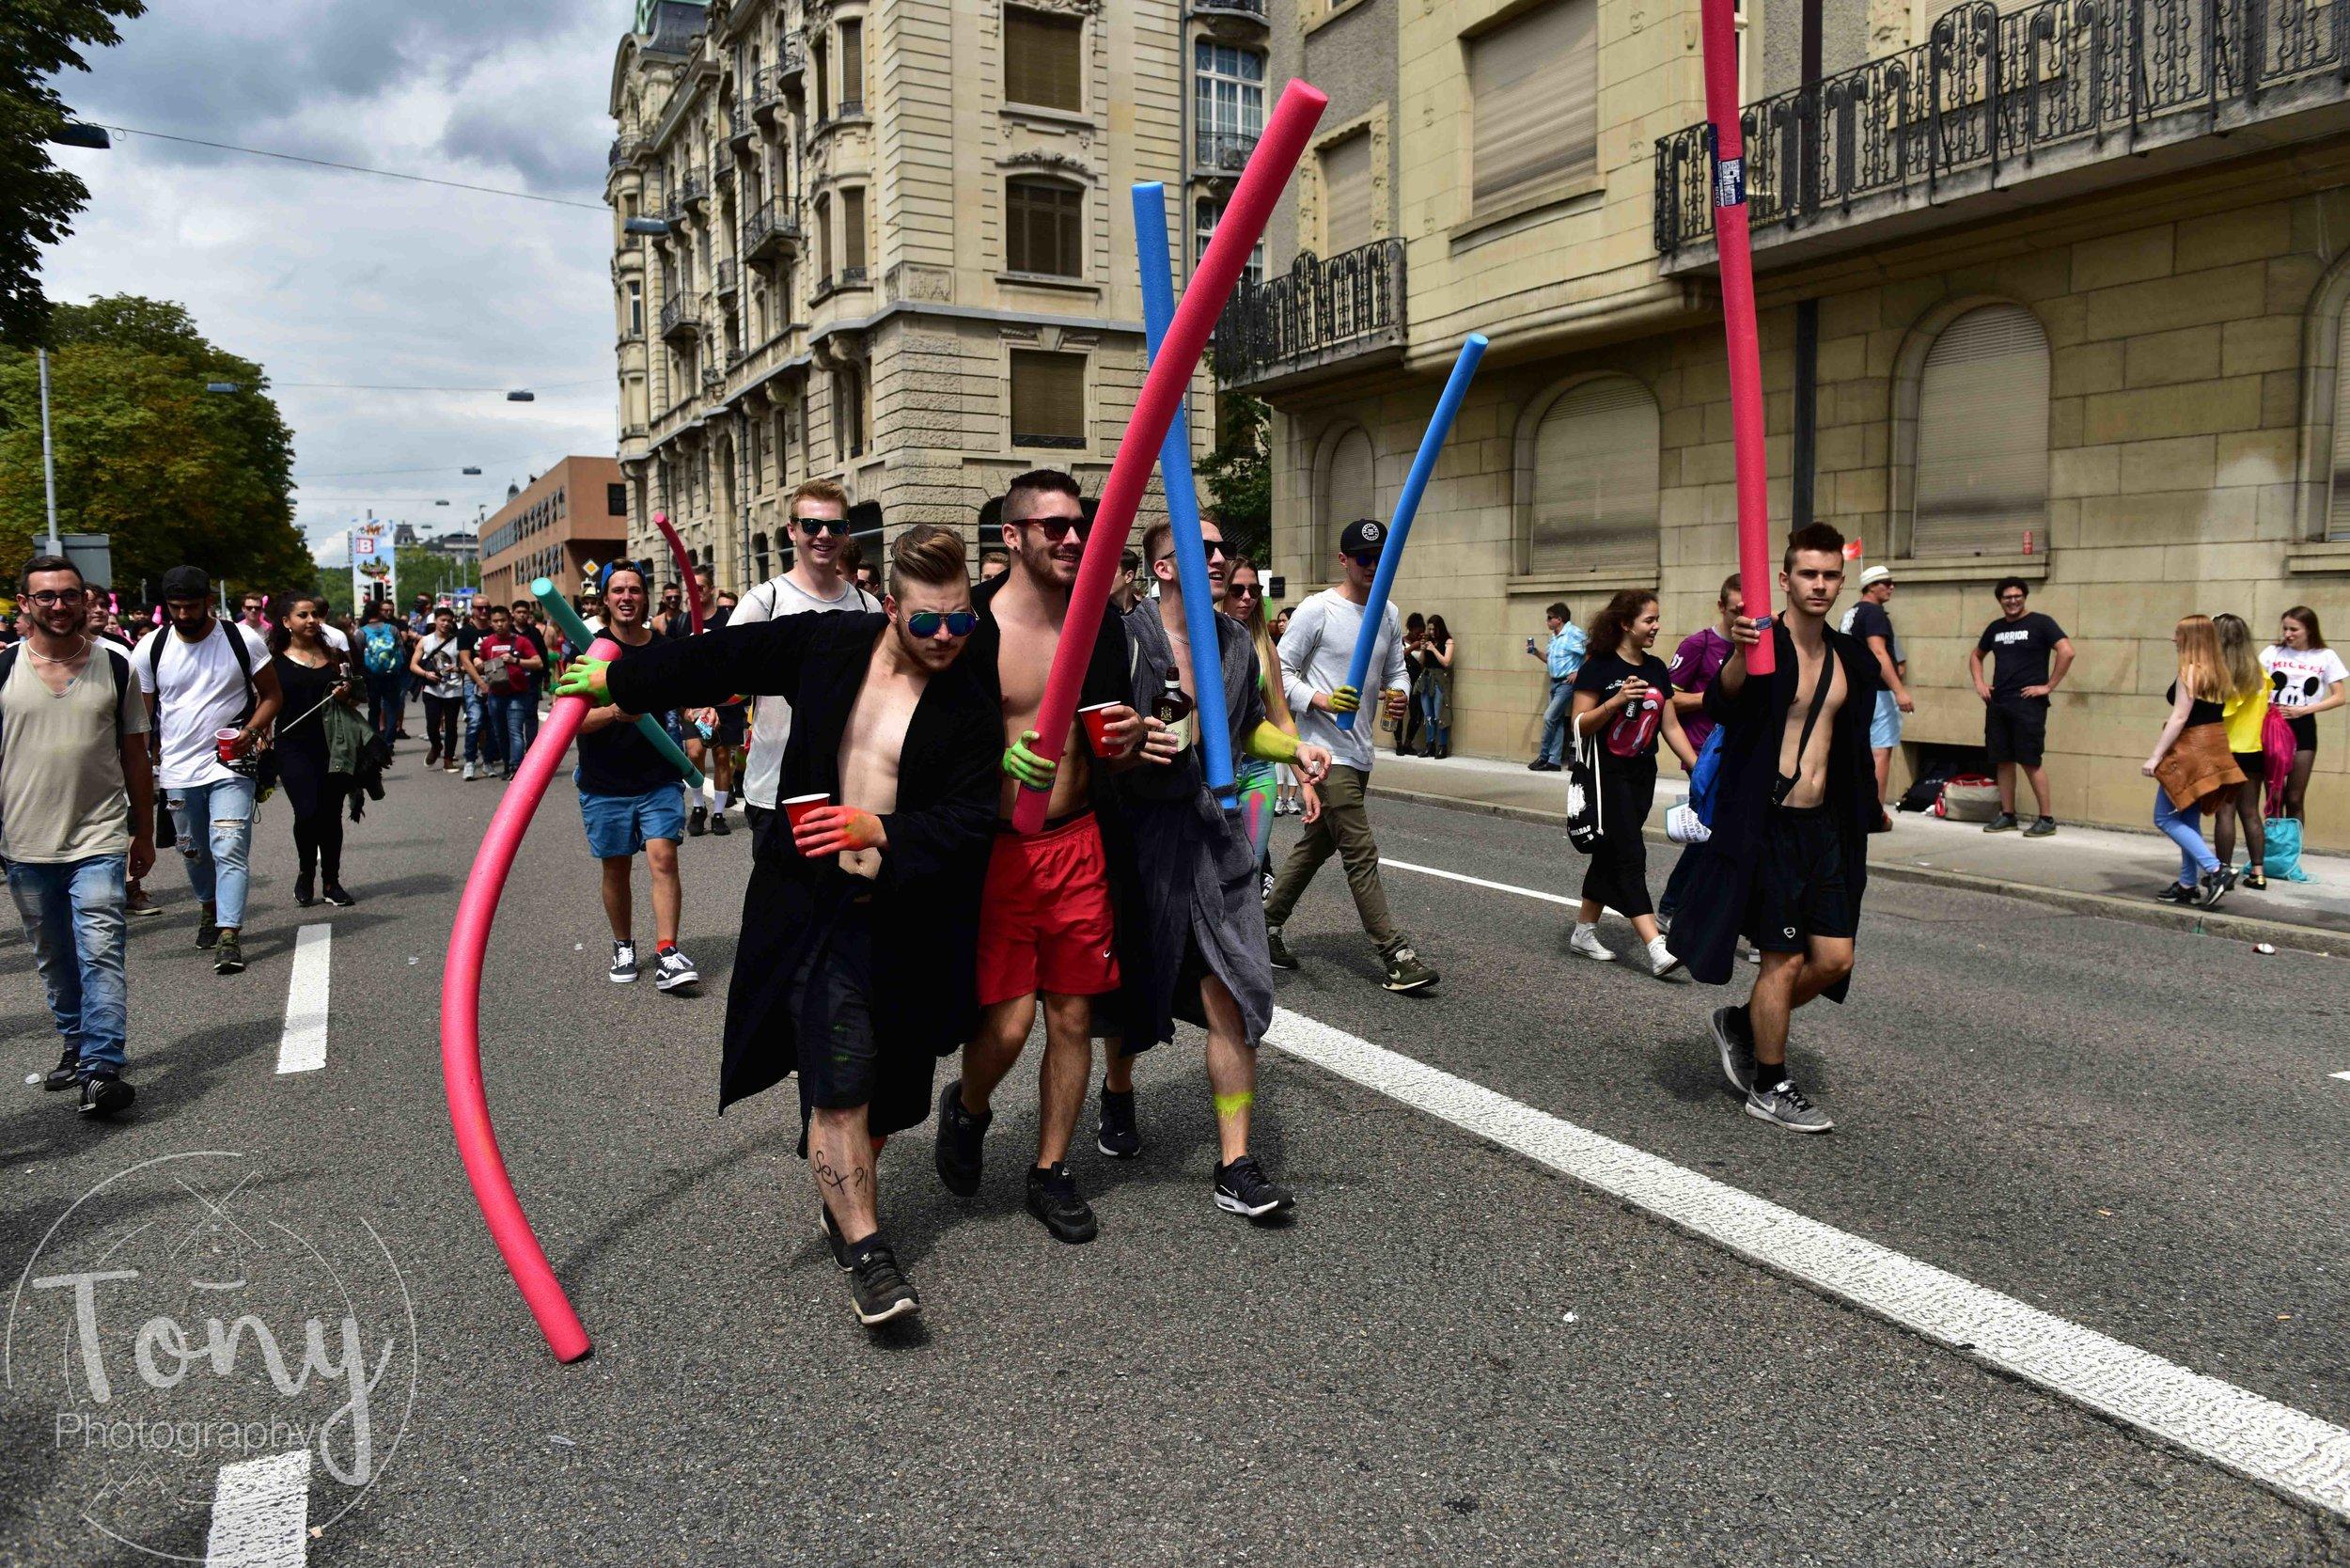 streetparade-42.jpg